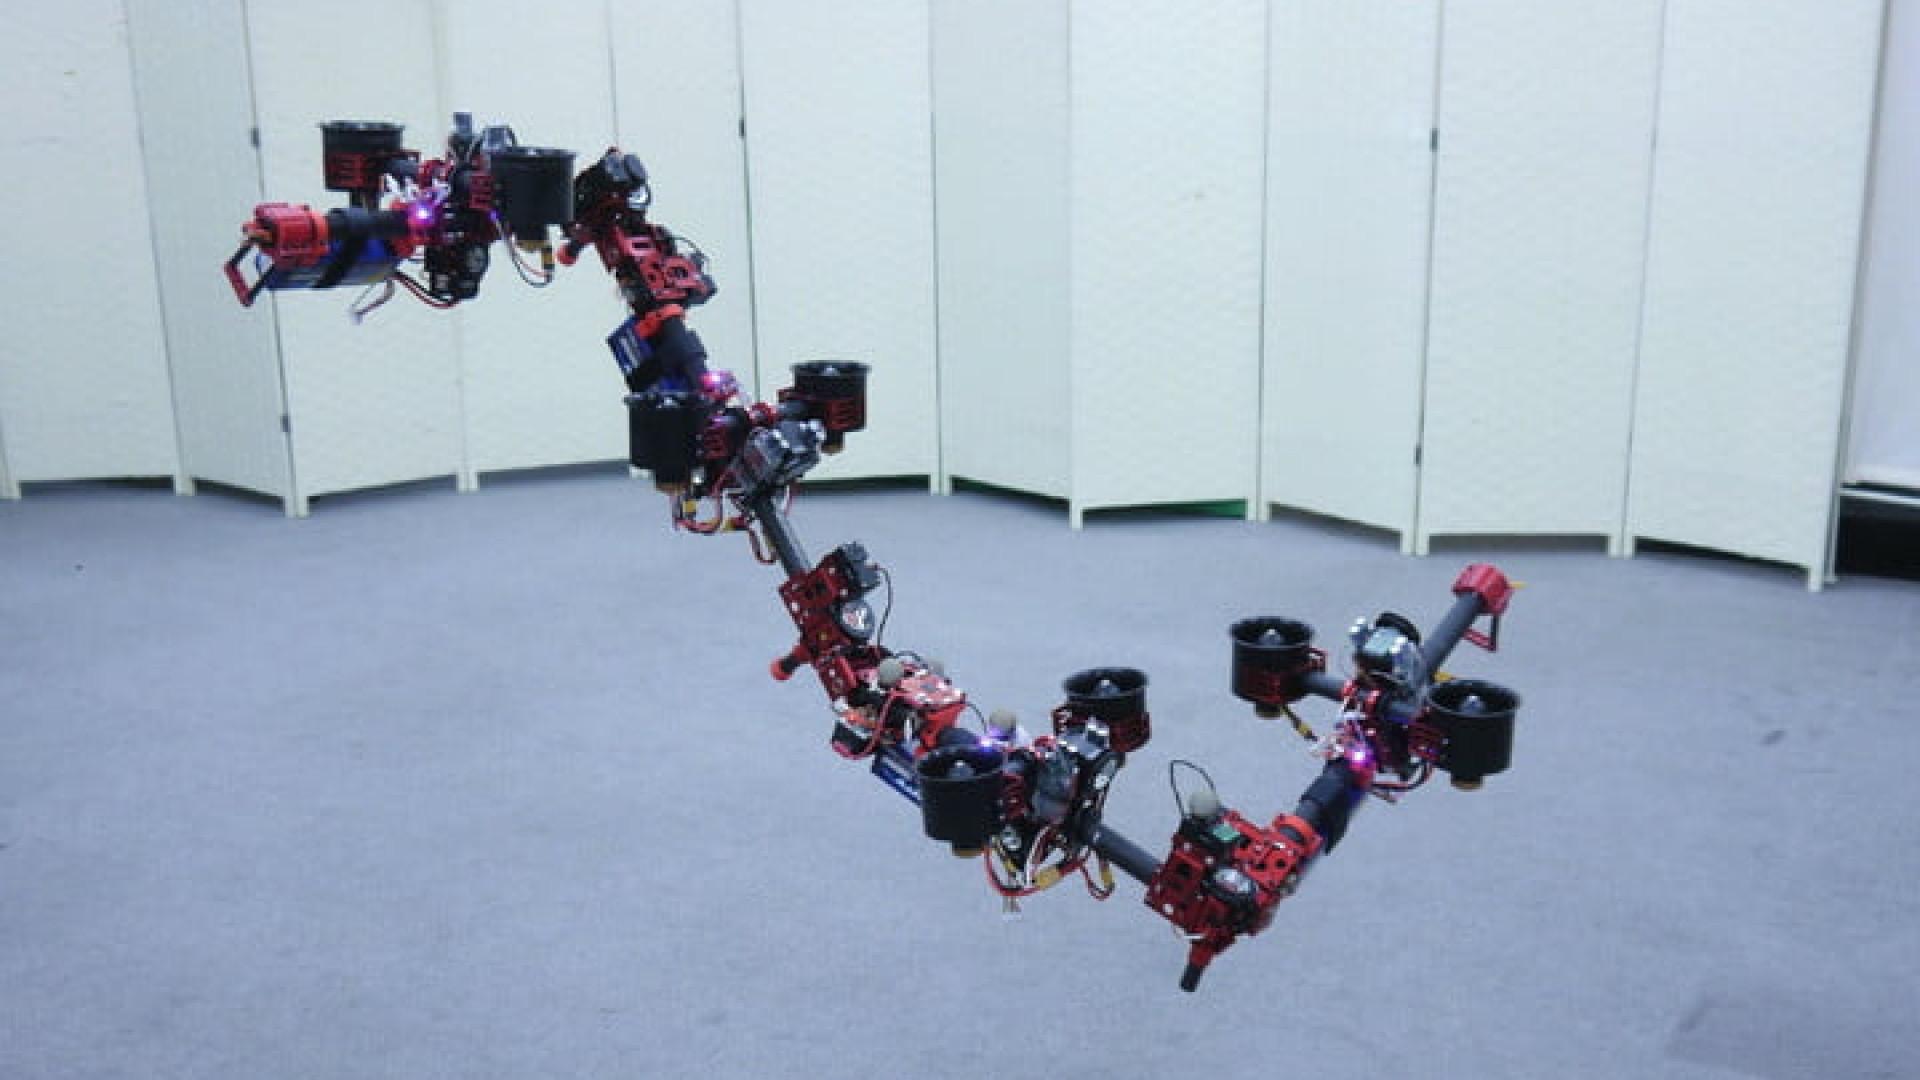 Este pode muito bem ser o drone mais estranho que já viu